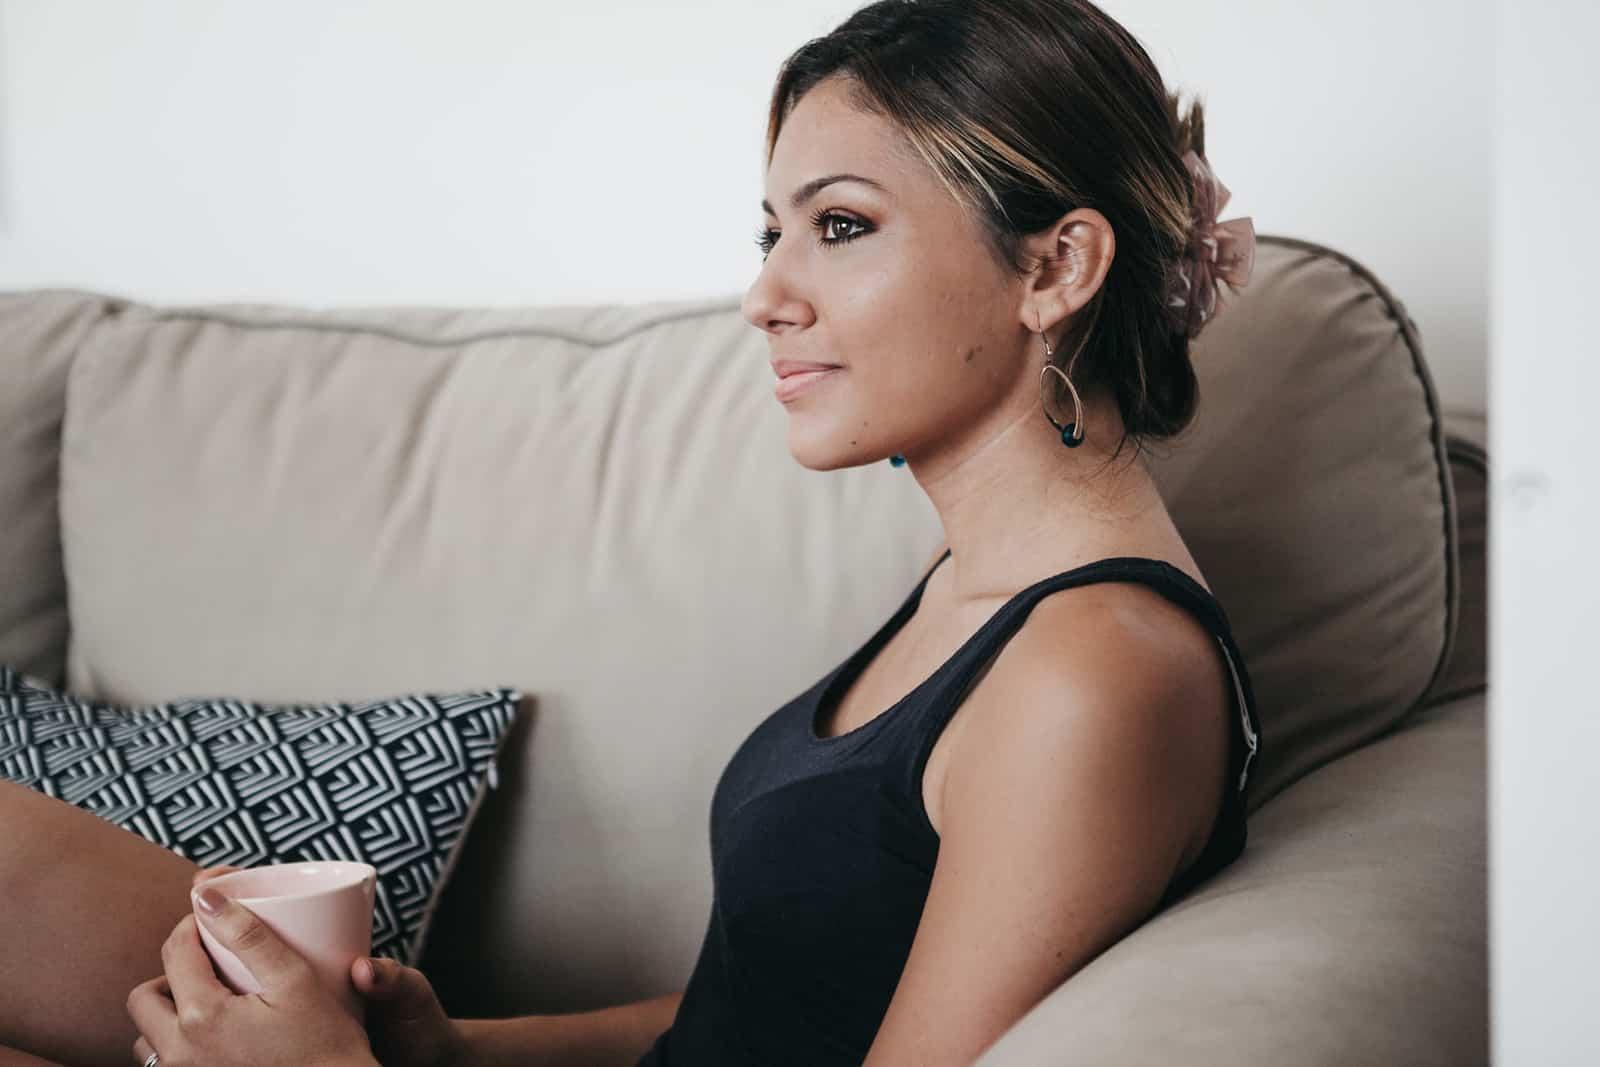 eine positive Frau, die auf der Couch sitzt und eine Tasse Kaffee hält